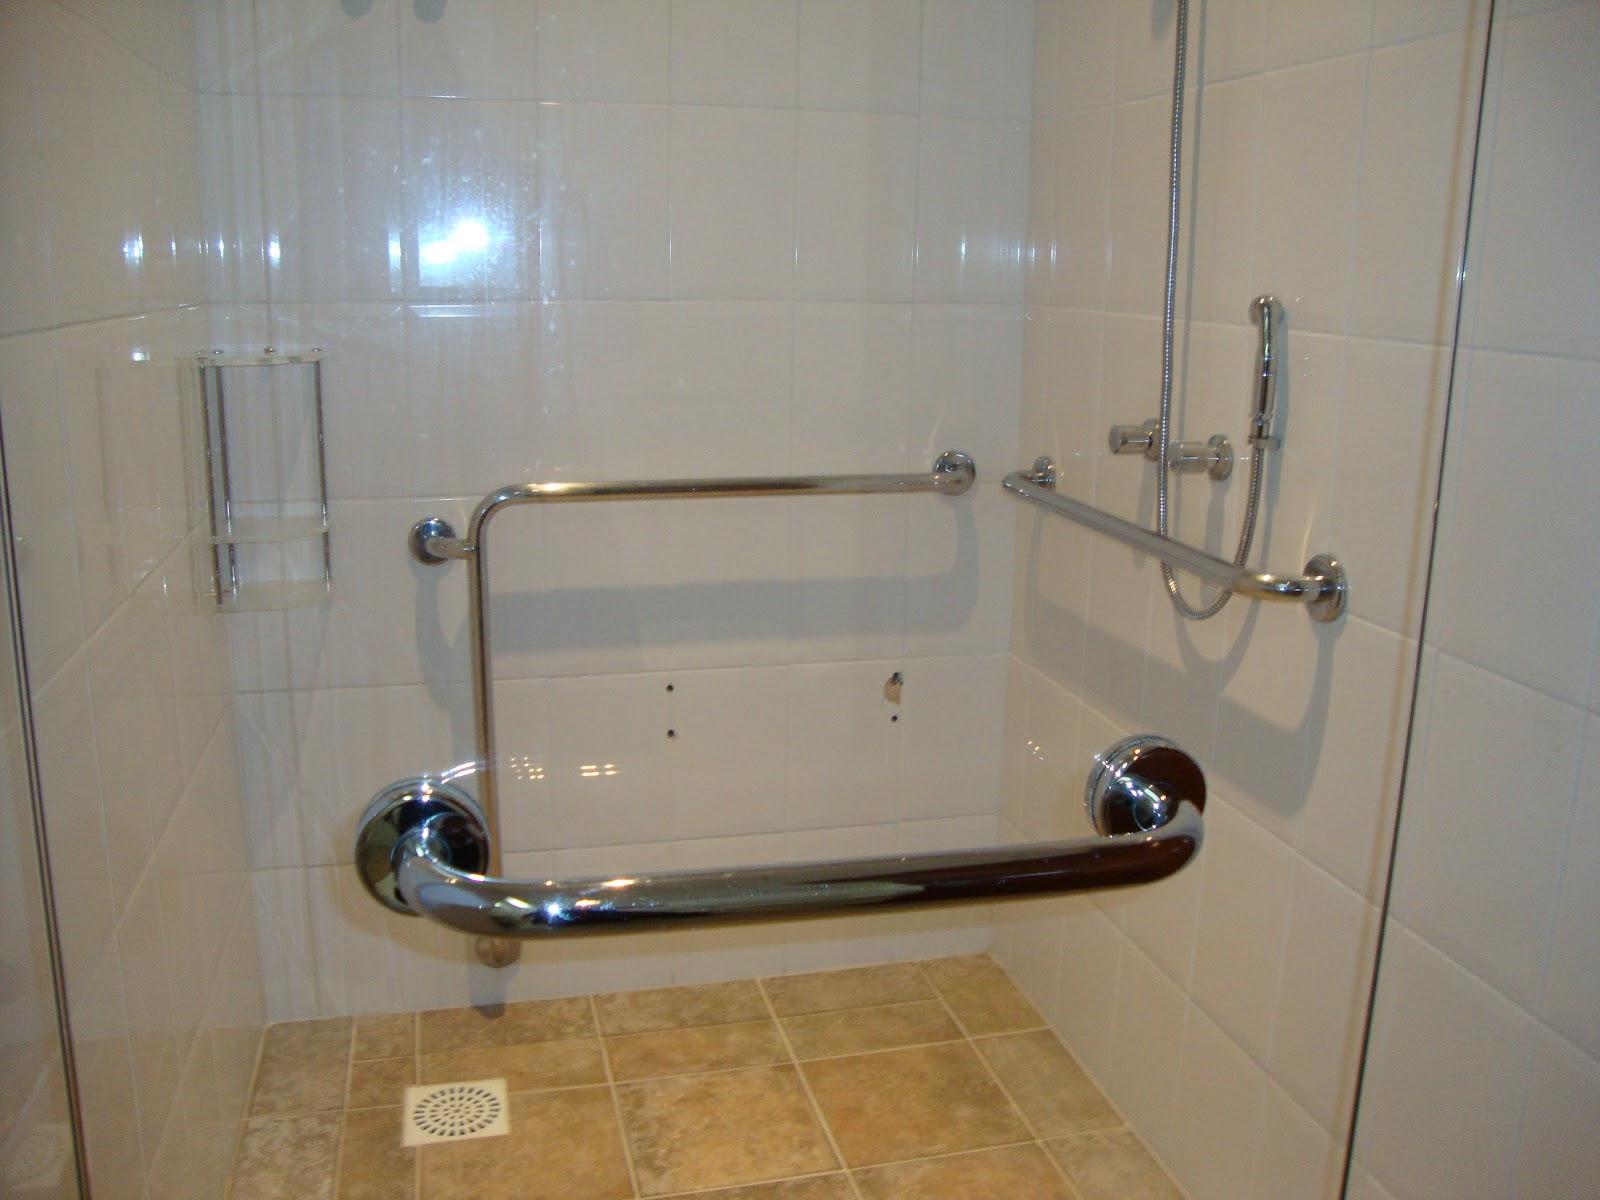 Imagens de #357296 Plaza Caldas da Imperatriz Resort & SPA oferece o melhor em hospedagem  1600x1200 px 3336 Blocos Autocad Banheiro Para Deficientes